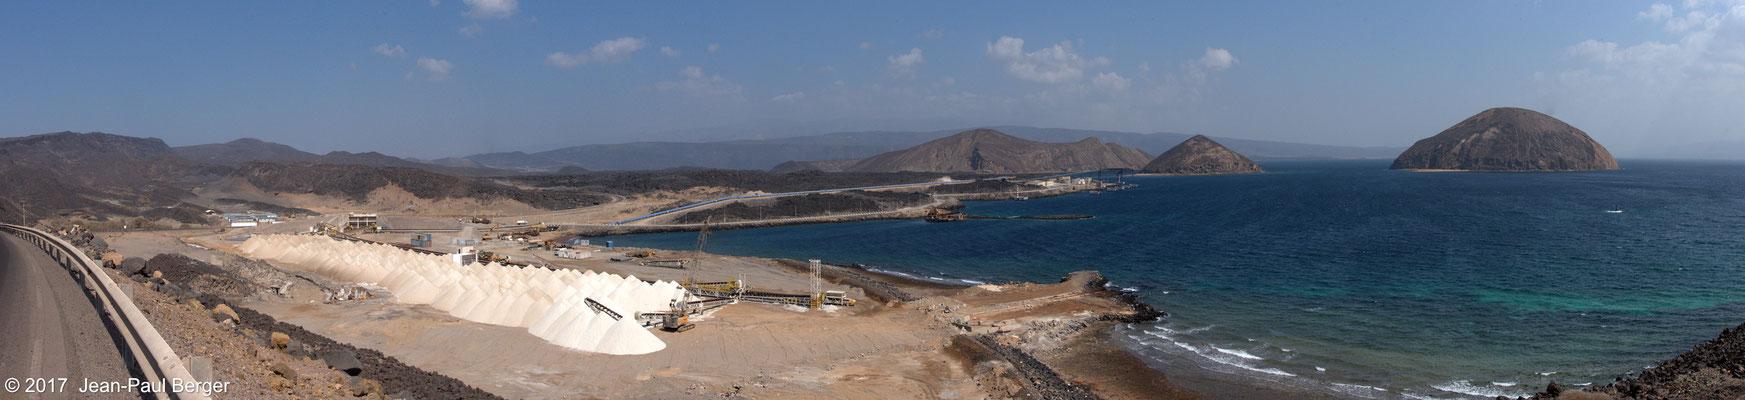 Nouveau port - D'Ouest en Est, vue sur le Baddi Kôma, l'Ouda Ginni Kôma et le Ginni Kôma (Ile du Diable)